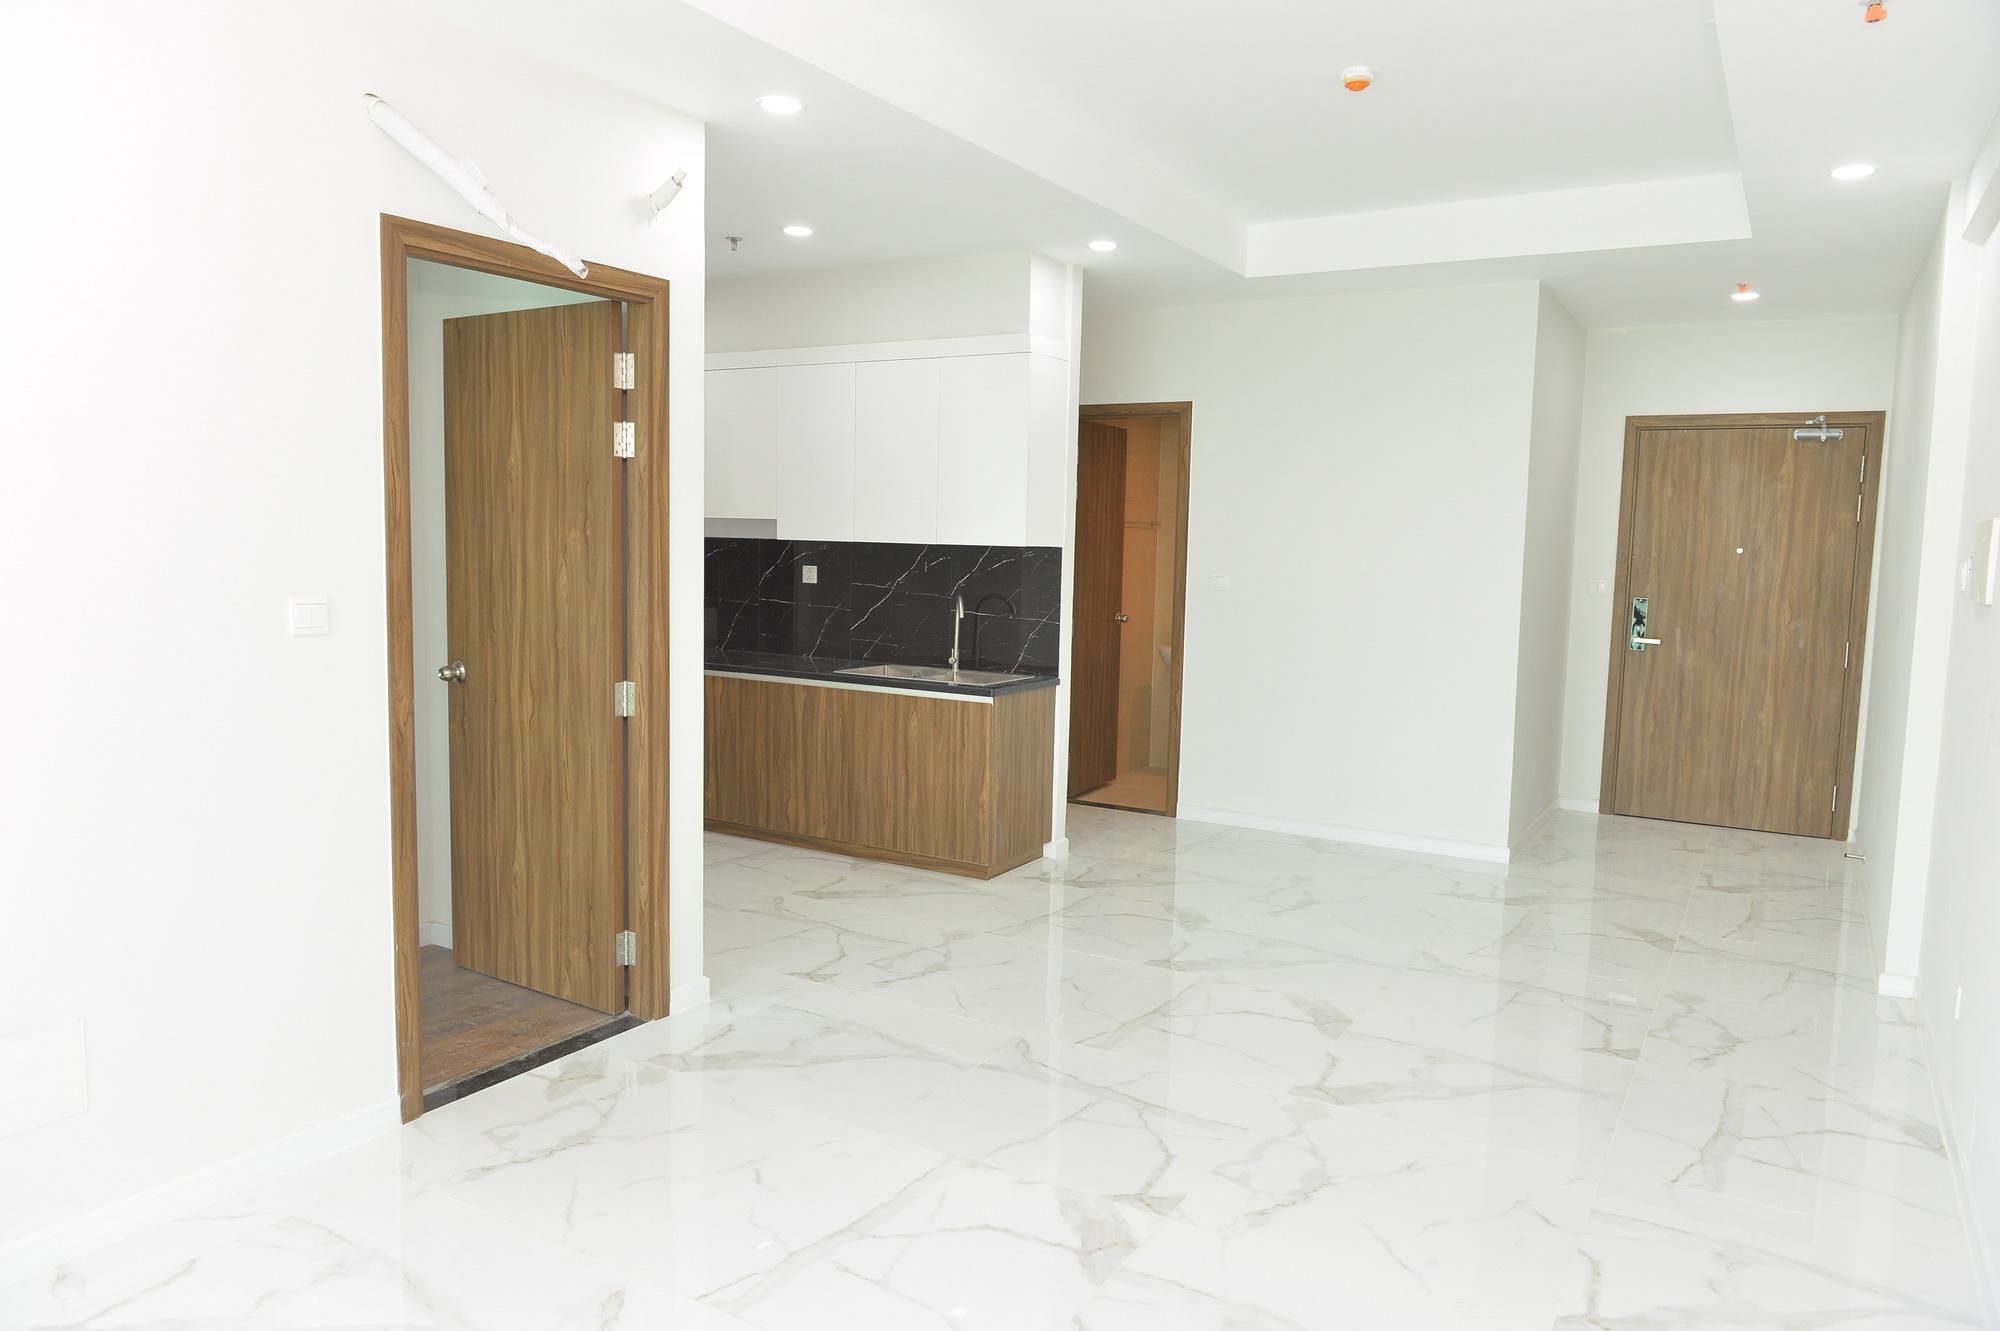 Chính thức cất nóc Khu căn hộ cao cấp tại khu Đông TP.HCM do Đất Xanh phát triển - Ảnh 2.